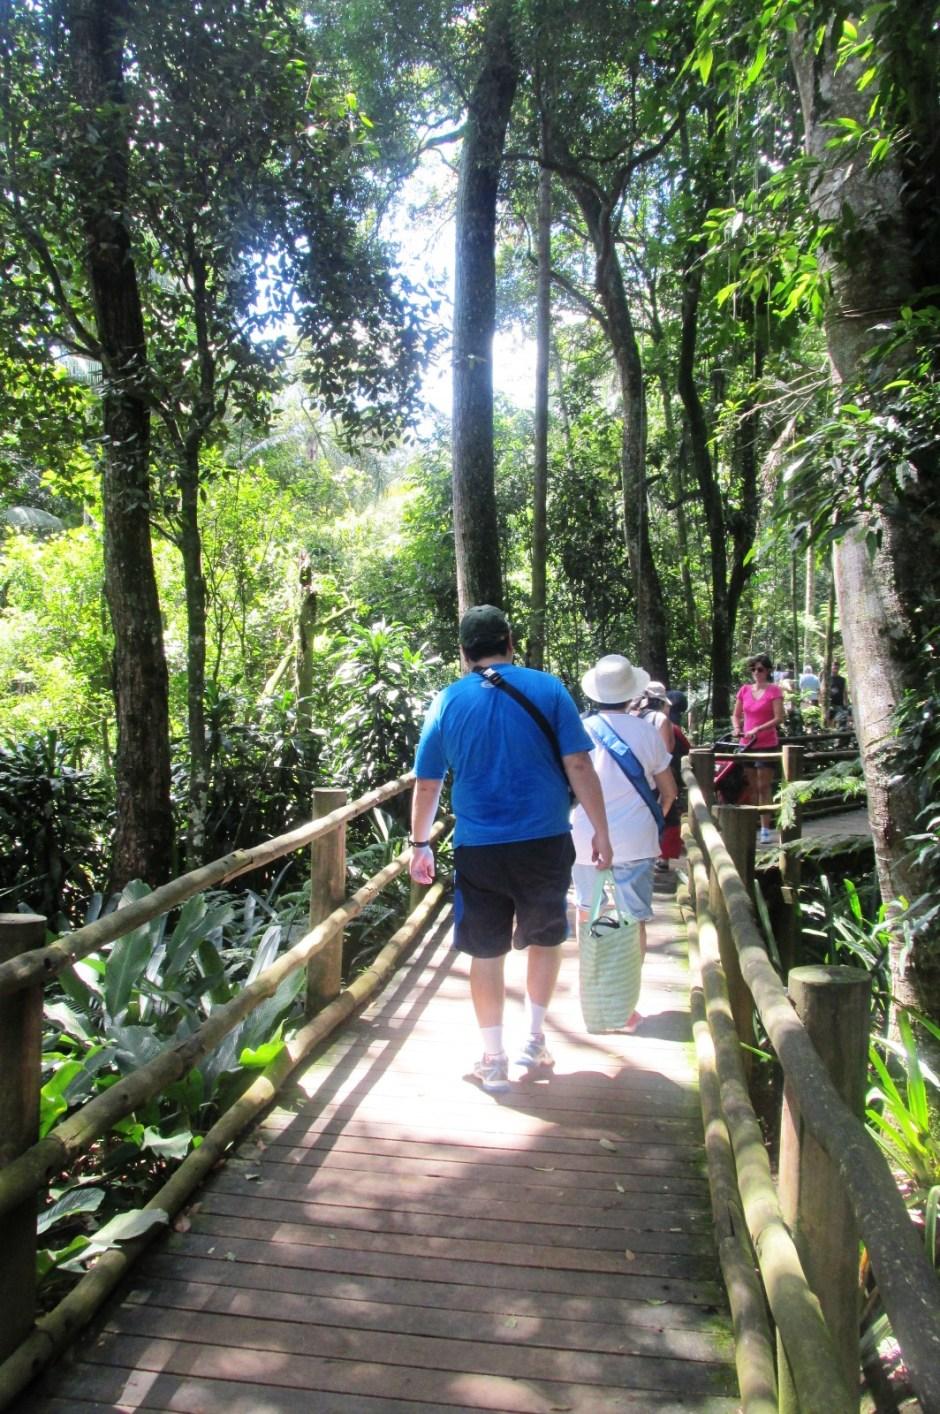 Trilha das nascentes - Jardim Botânico